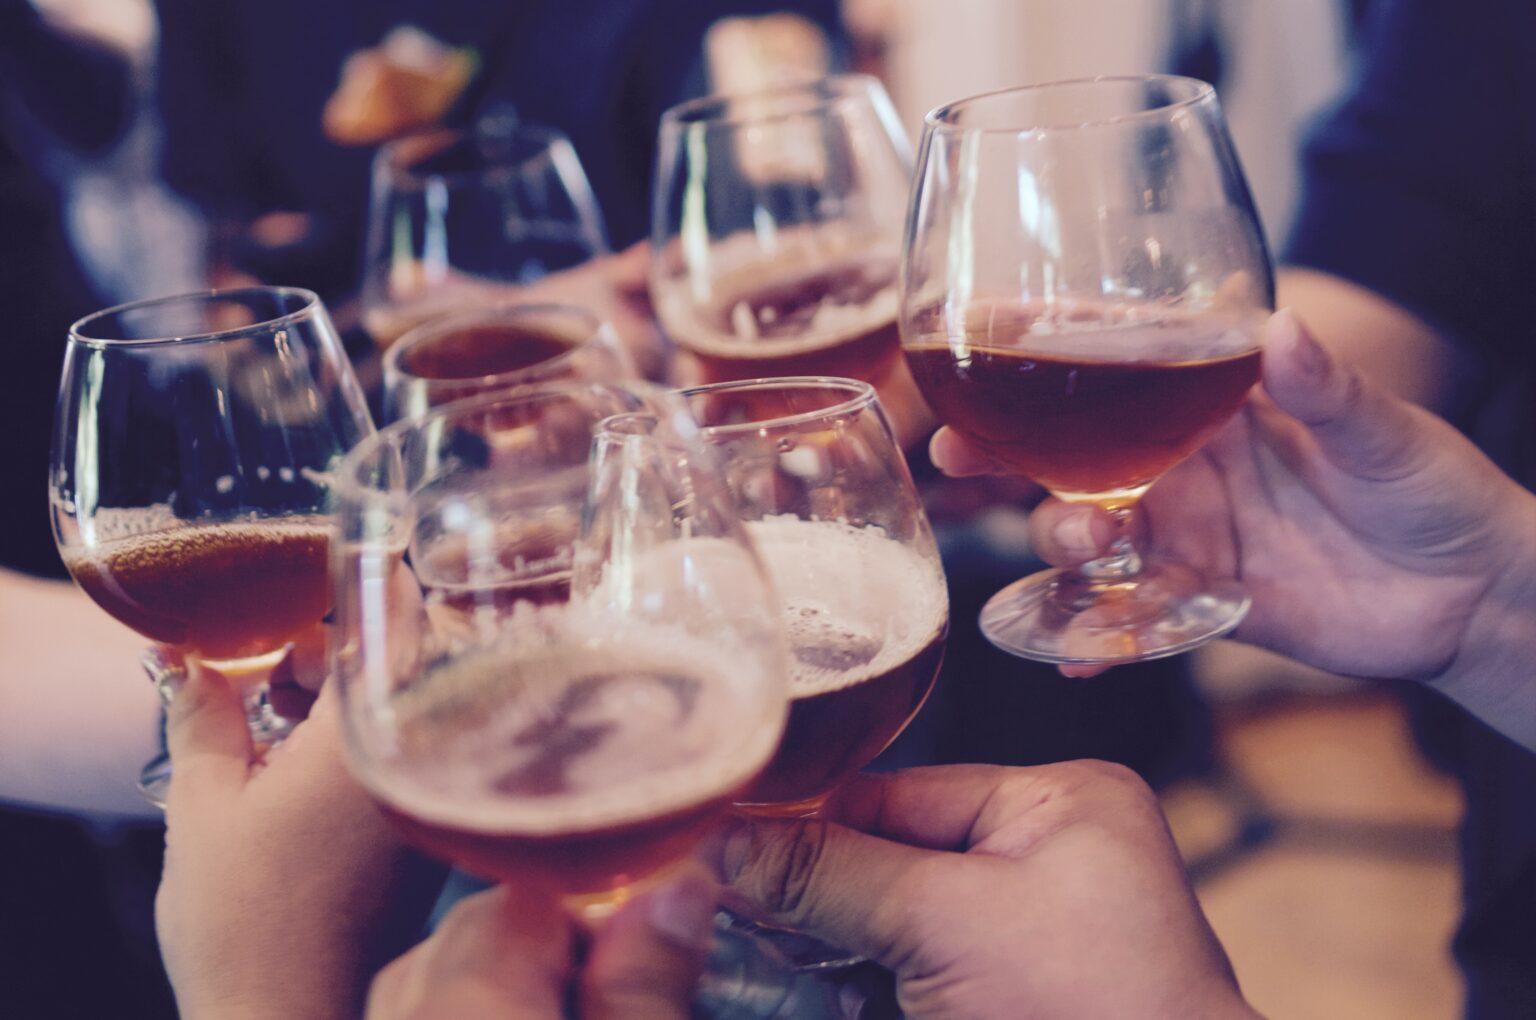 クラフトビール「バーレイワイン」ってなに?【特徴と美味しい飲み方を徹底解説】